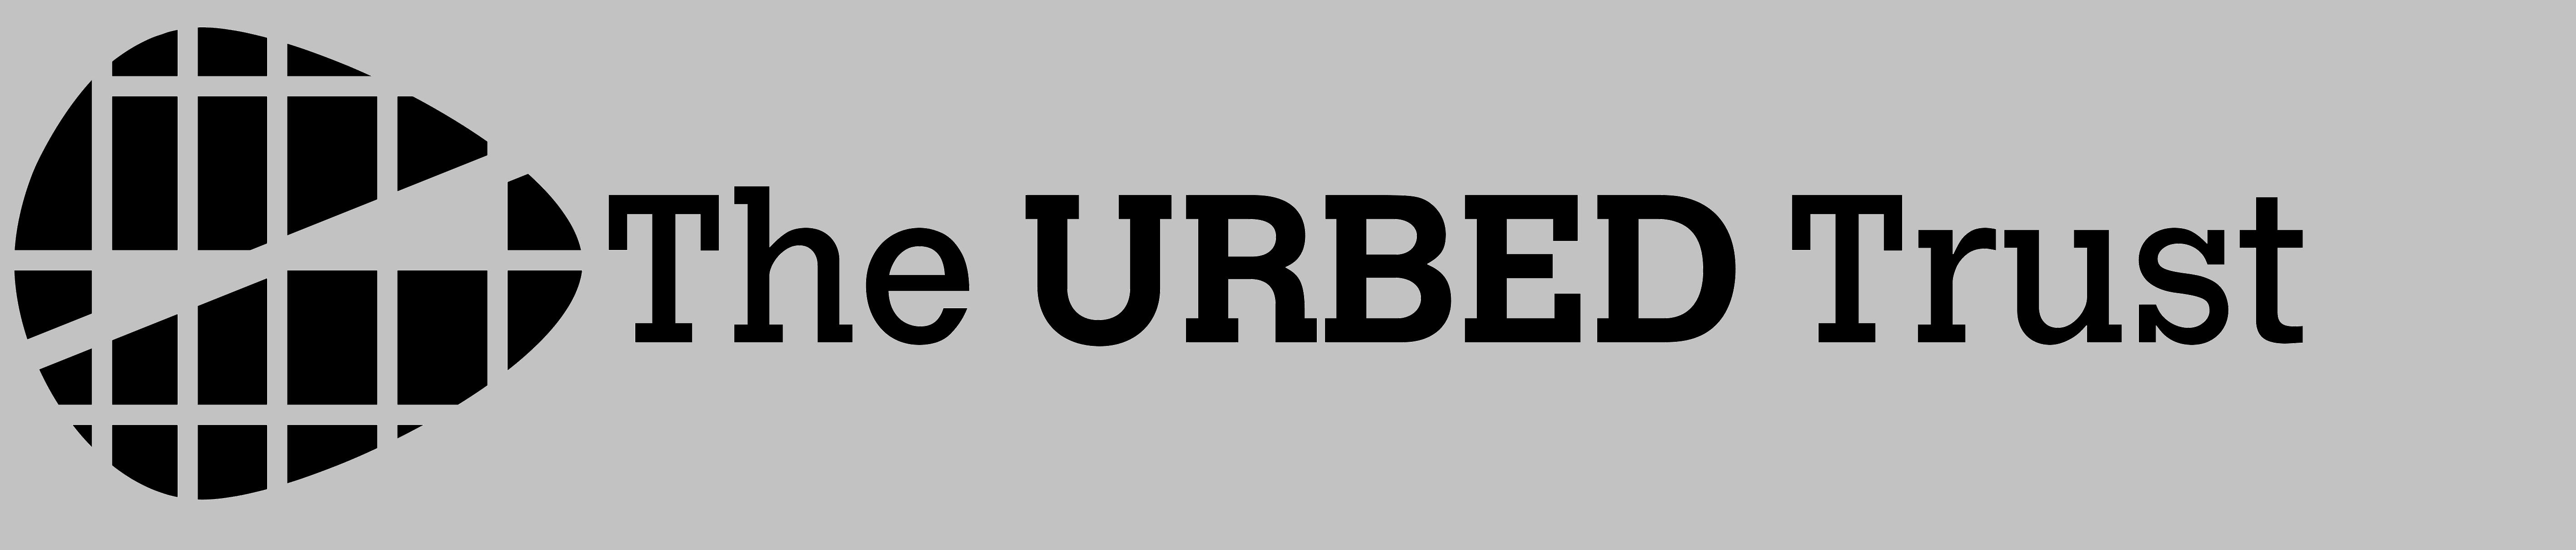 URBED Trust